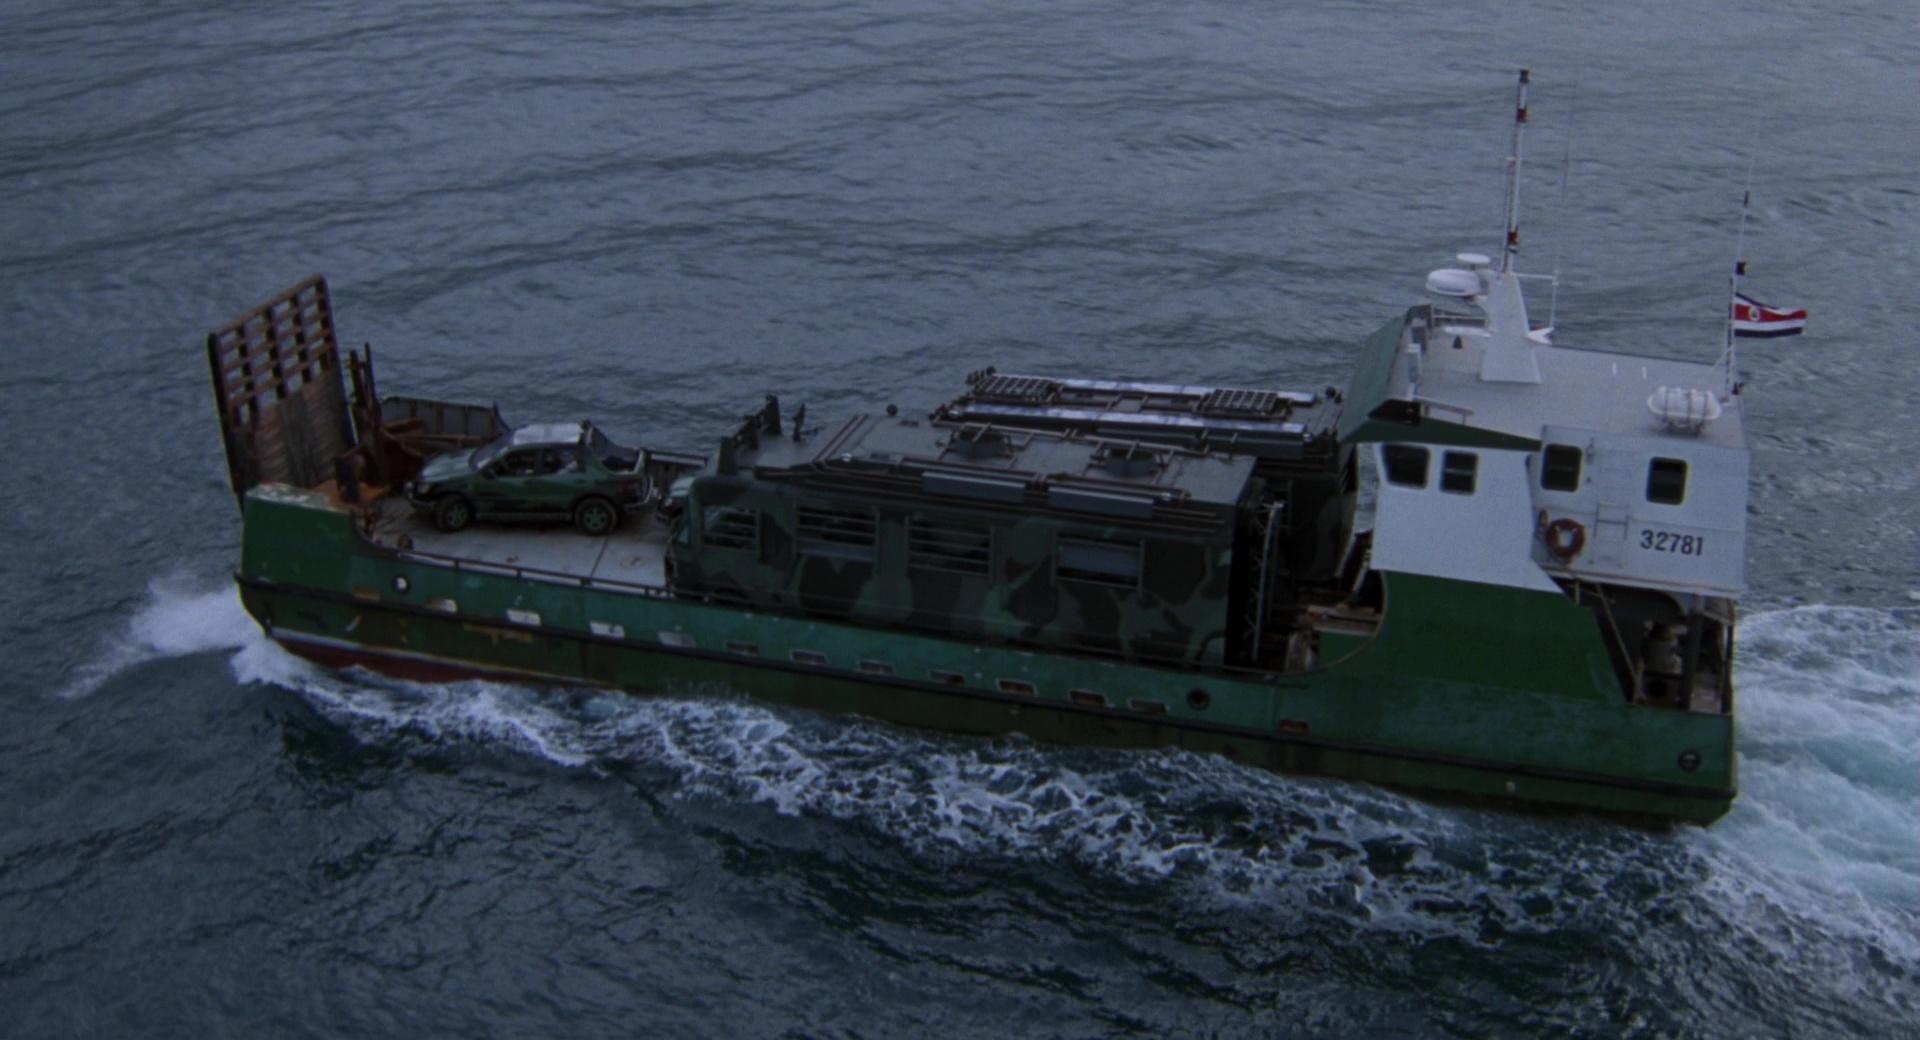 A szigetre két darabban szállították a járművet